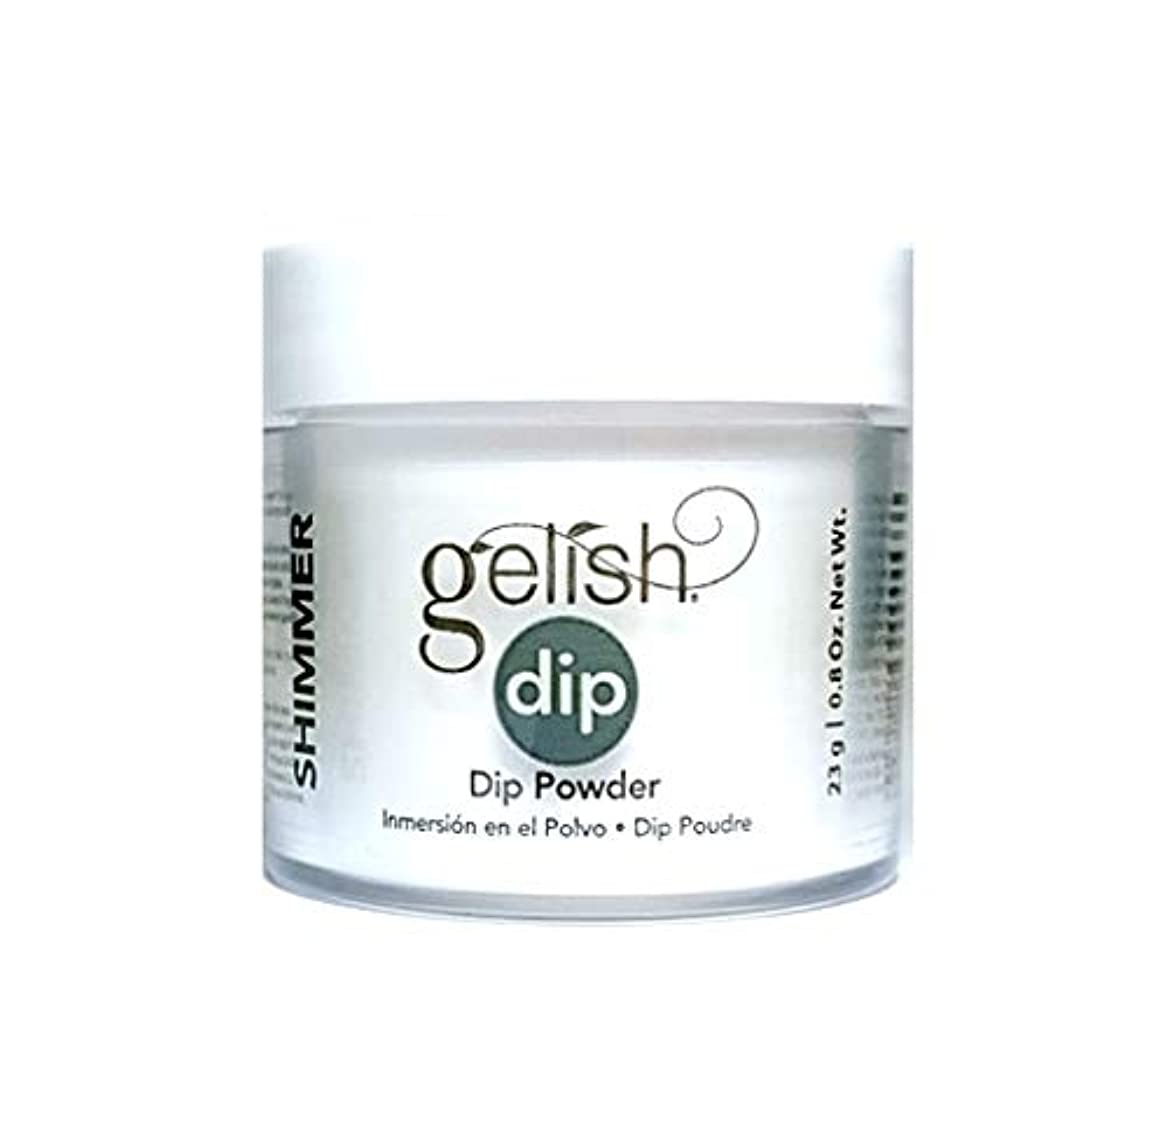 Harmony Gelish - Dip Powder - Izzy Wizzy, Let's Get Busy - 23g / 0.8oz